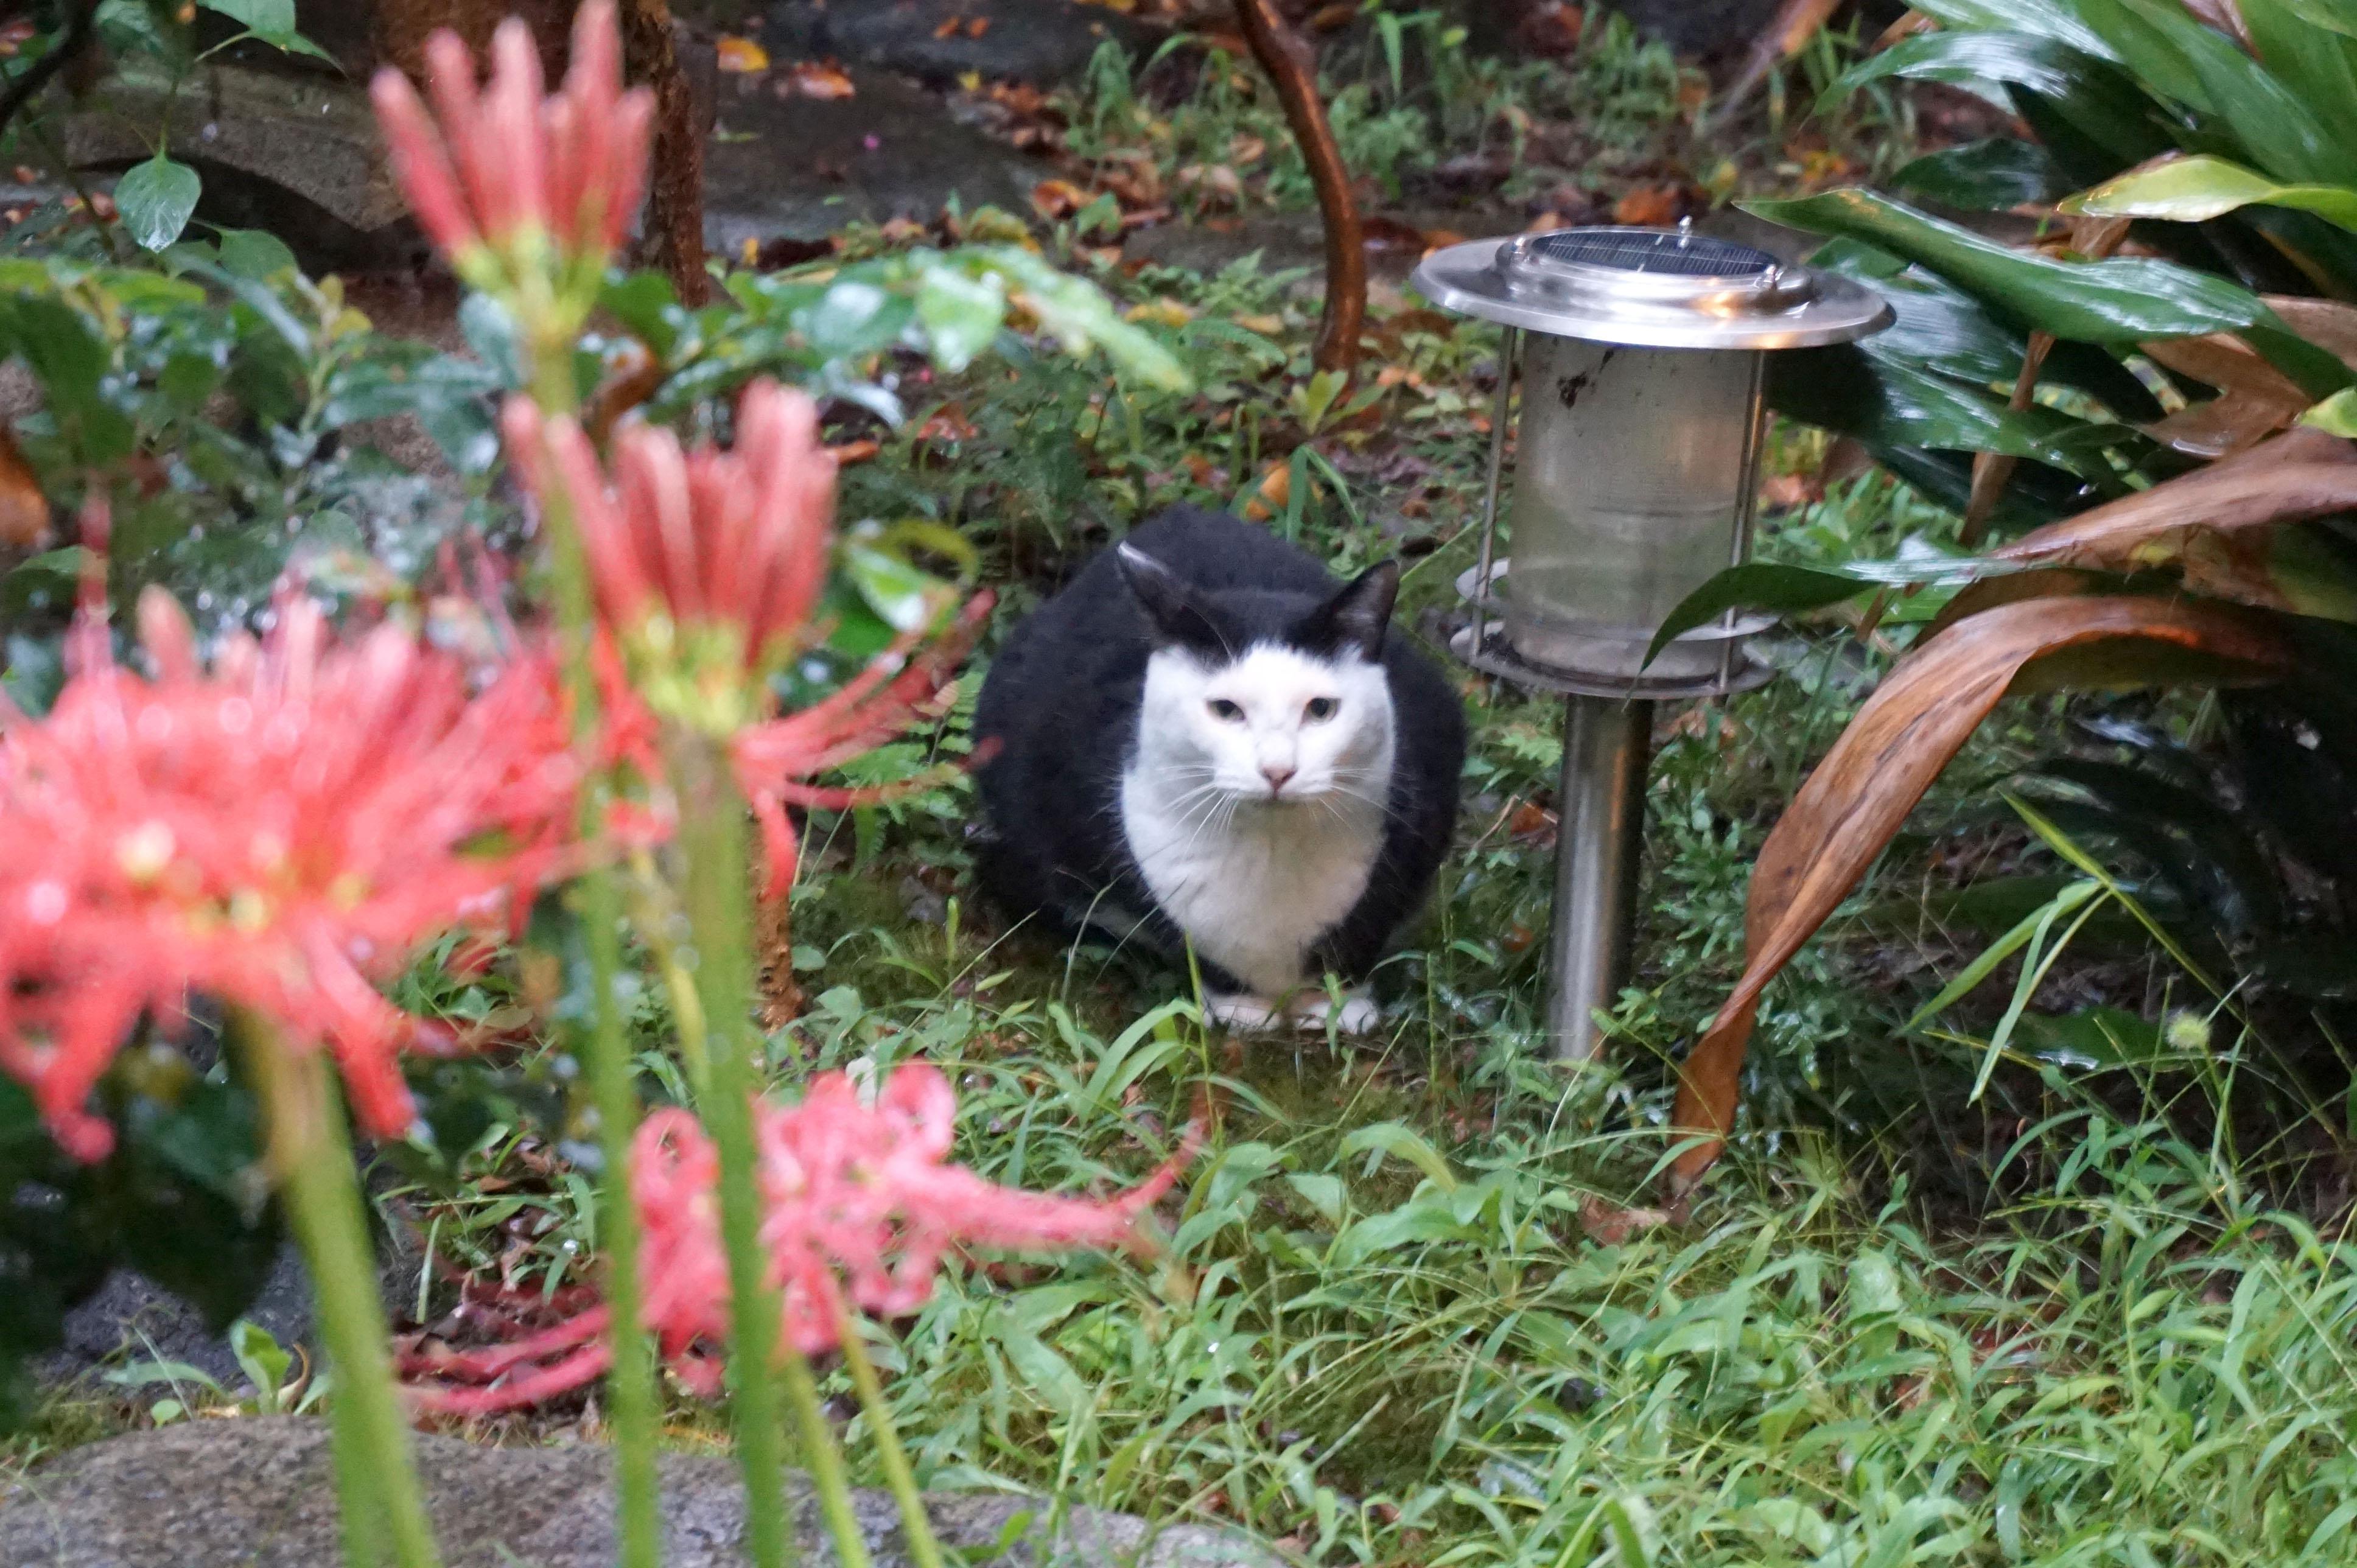 地域猫活動って?  ノラ猫はそもそもどこから来るの? 「ねりまねこ」講演(1)